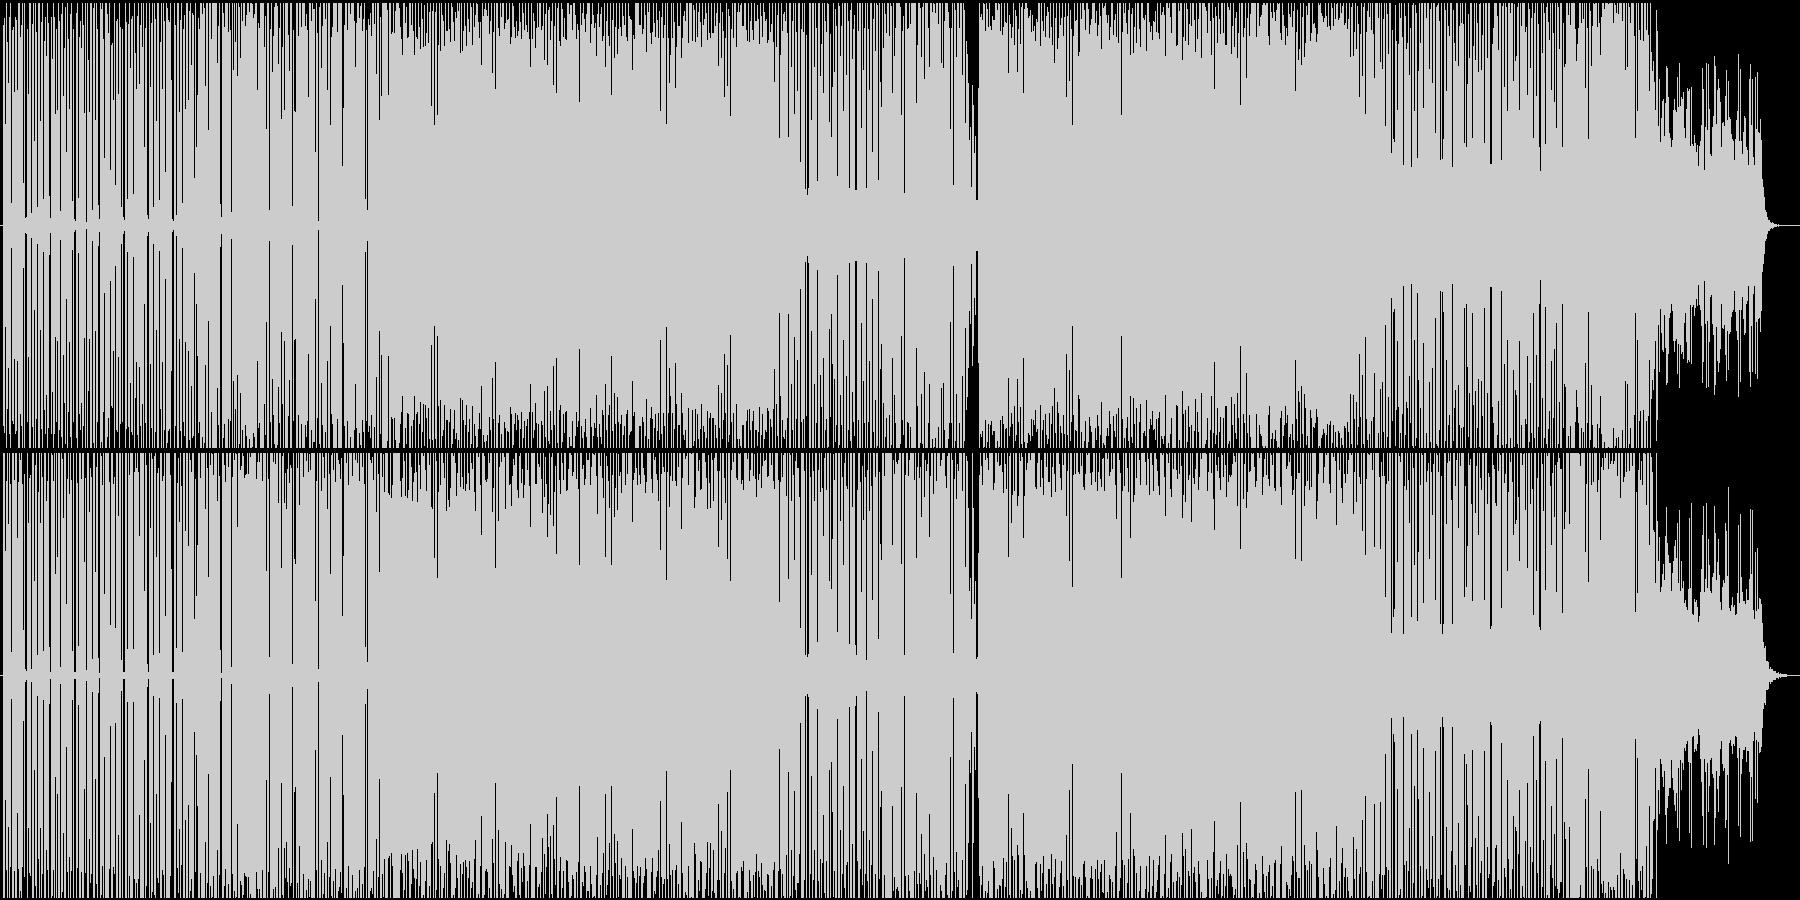 朝をイメージしたミニマルテクノ♬の未再生の波形